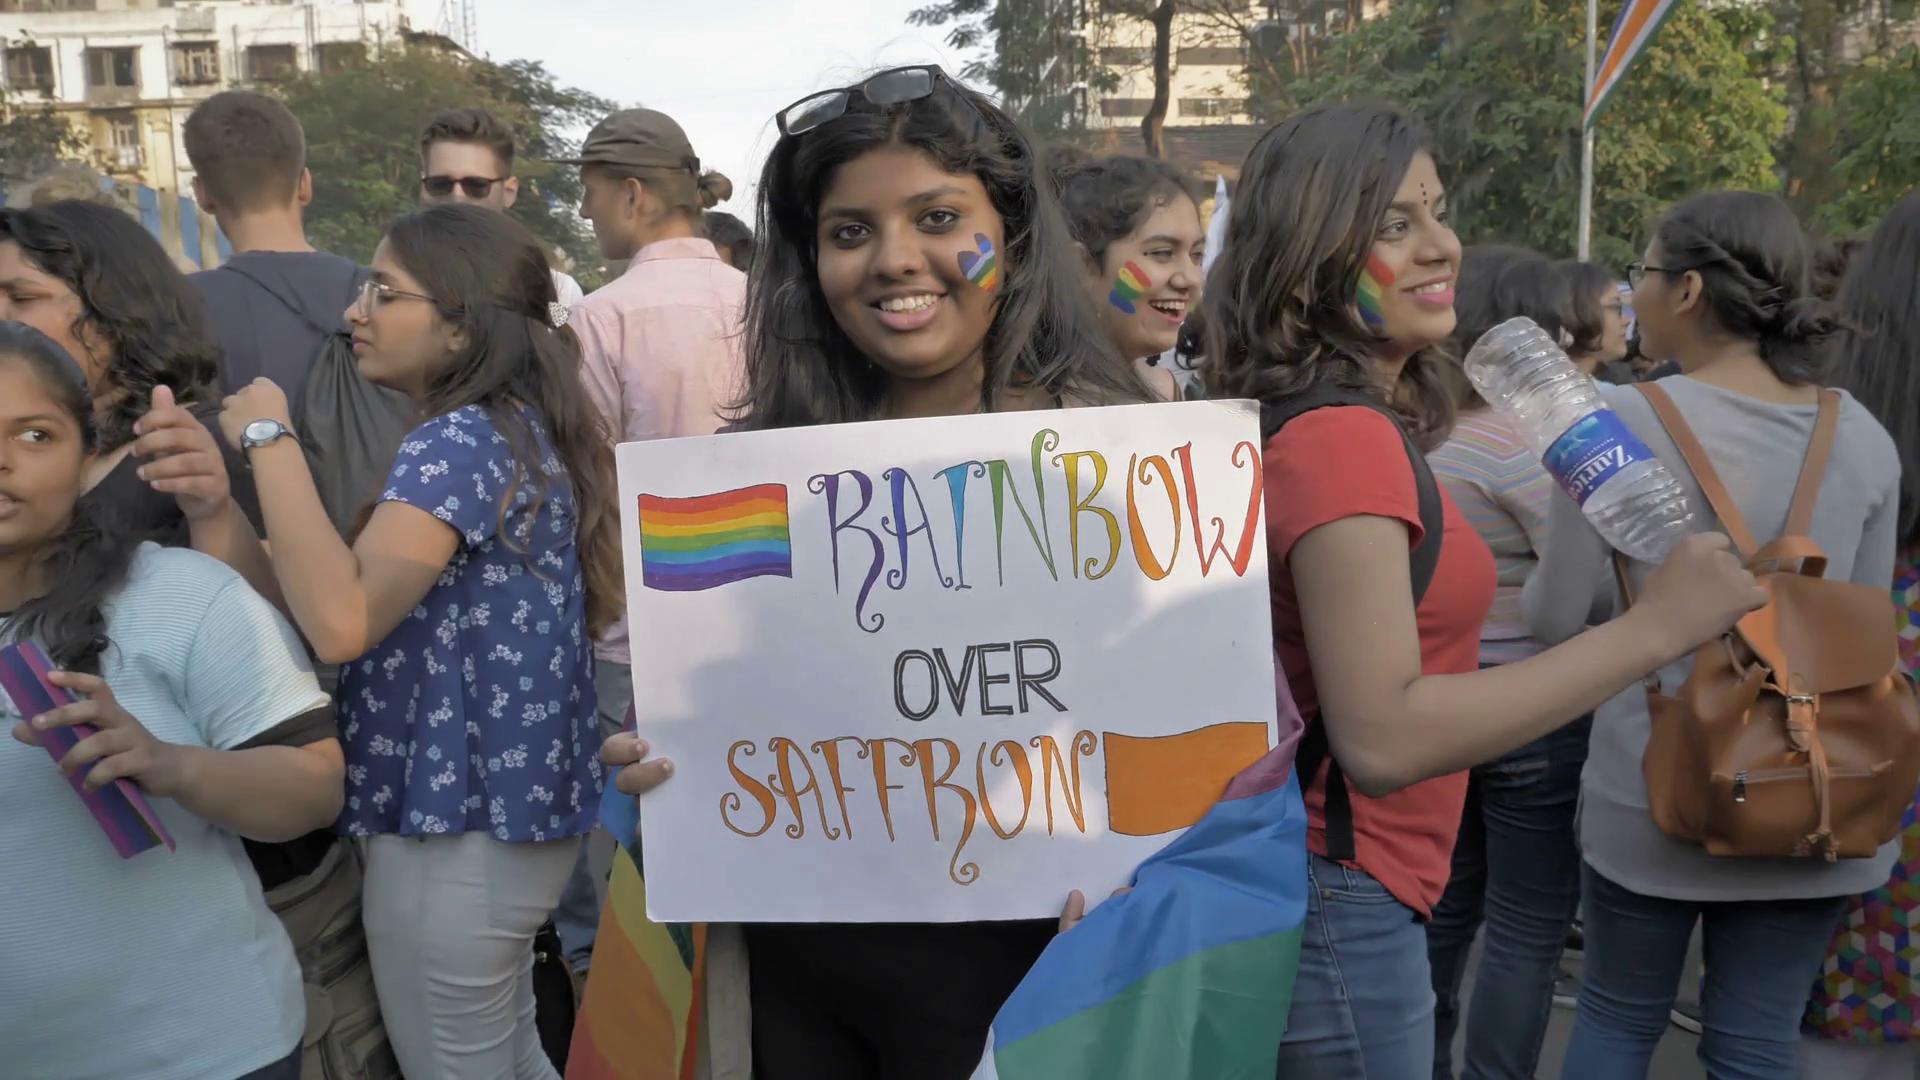 بھارتی ہم جنس پرست خواتین کو ماں باپ کا ڈر ، پولیس سے تحفظ مانگ لیا